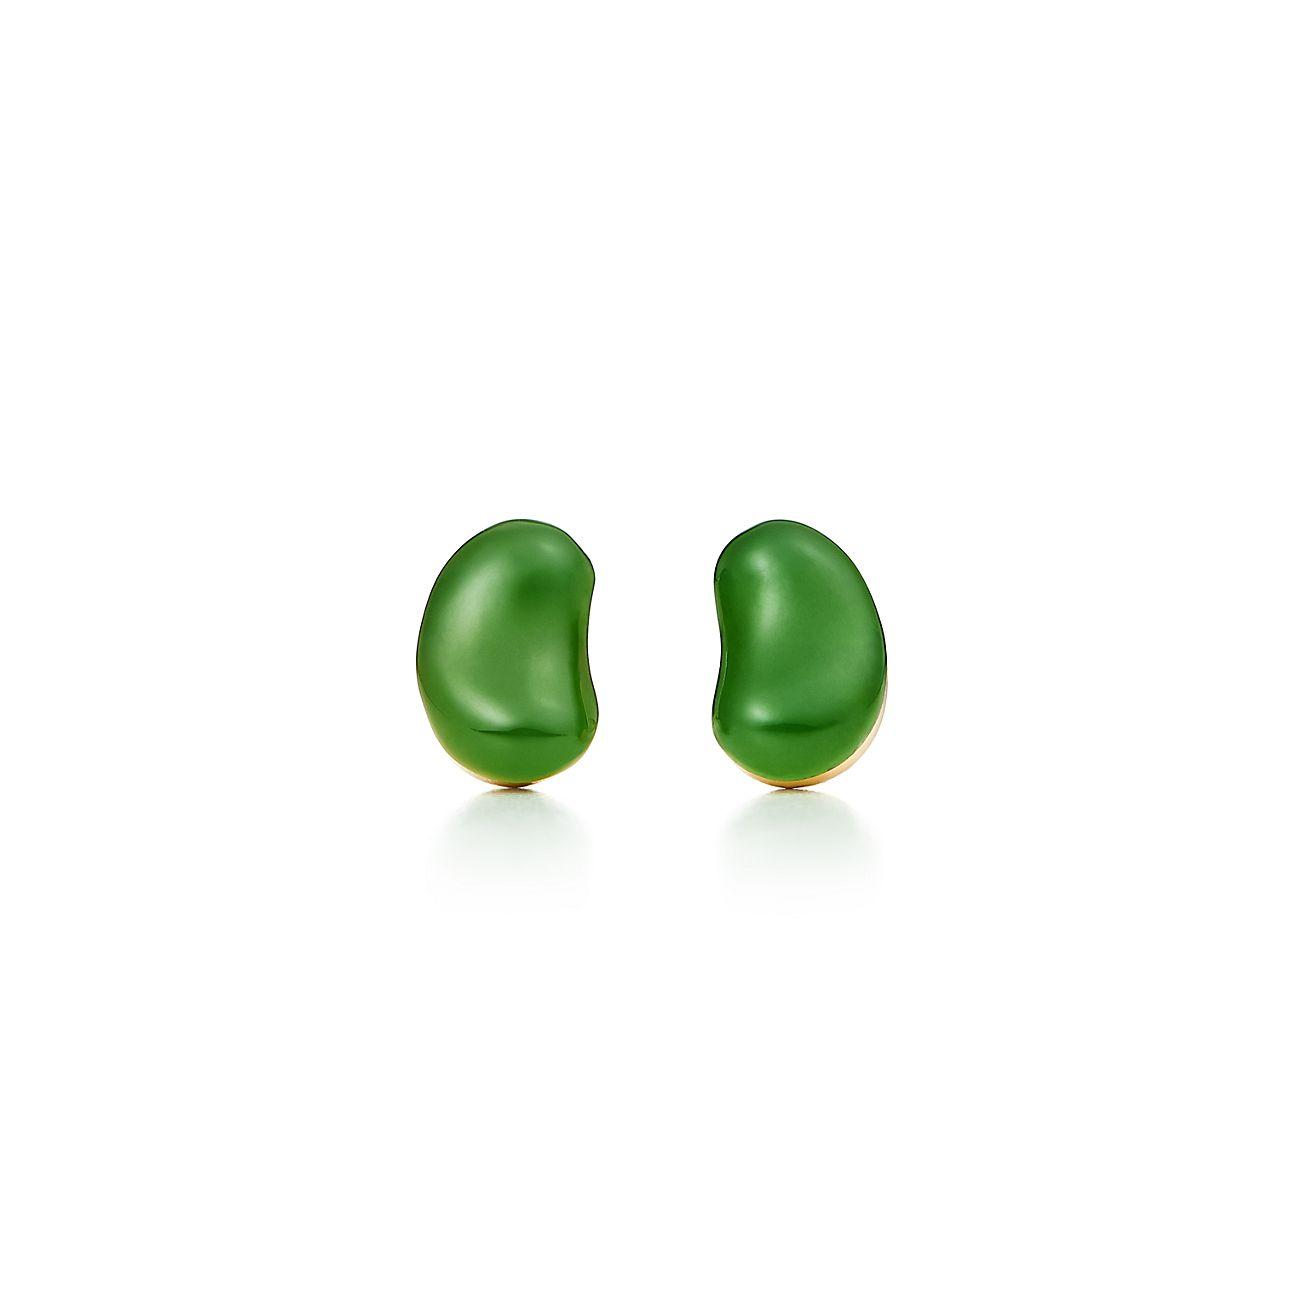 Elsa Peretti Bean earrings in 18k gold - Size 9 MM Tiffany & Co.